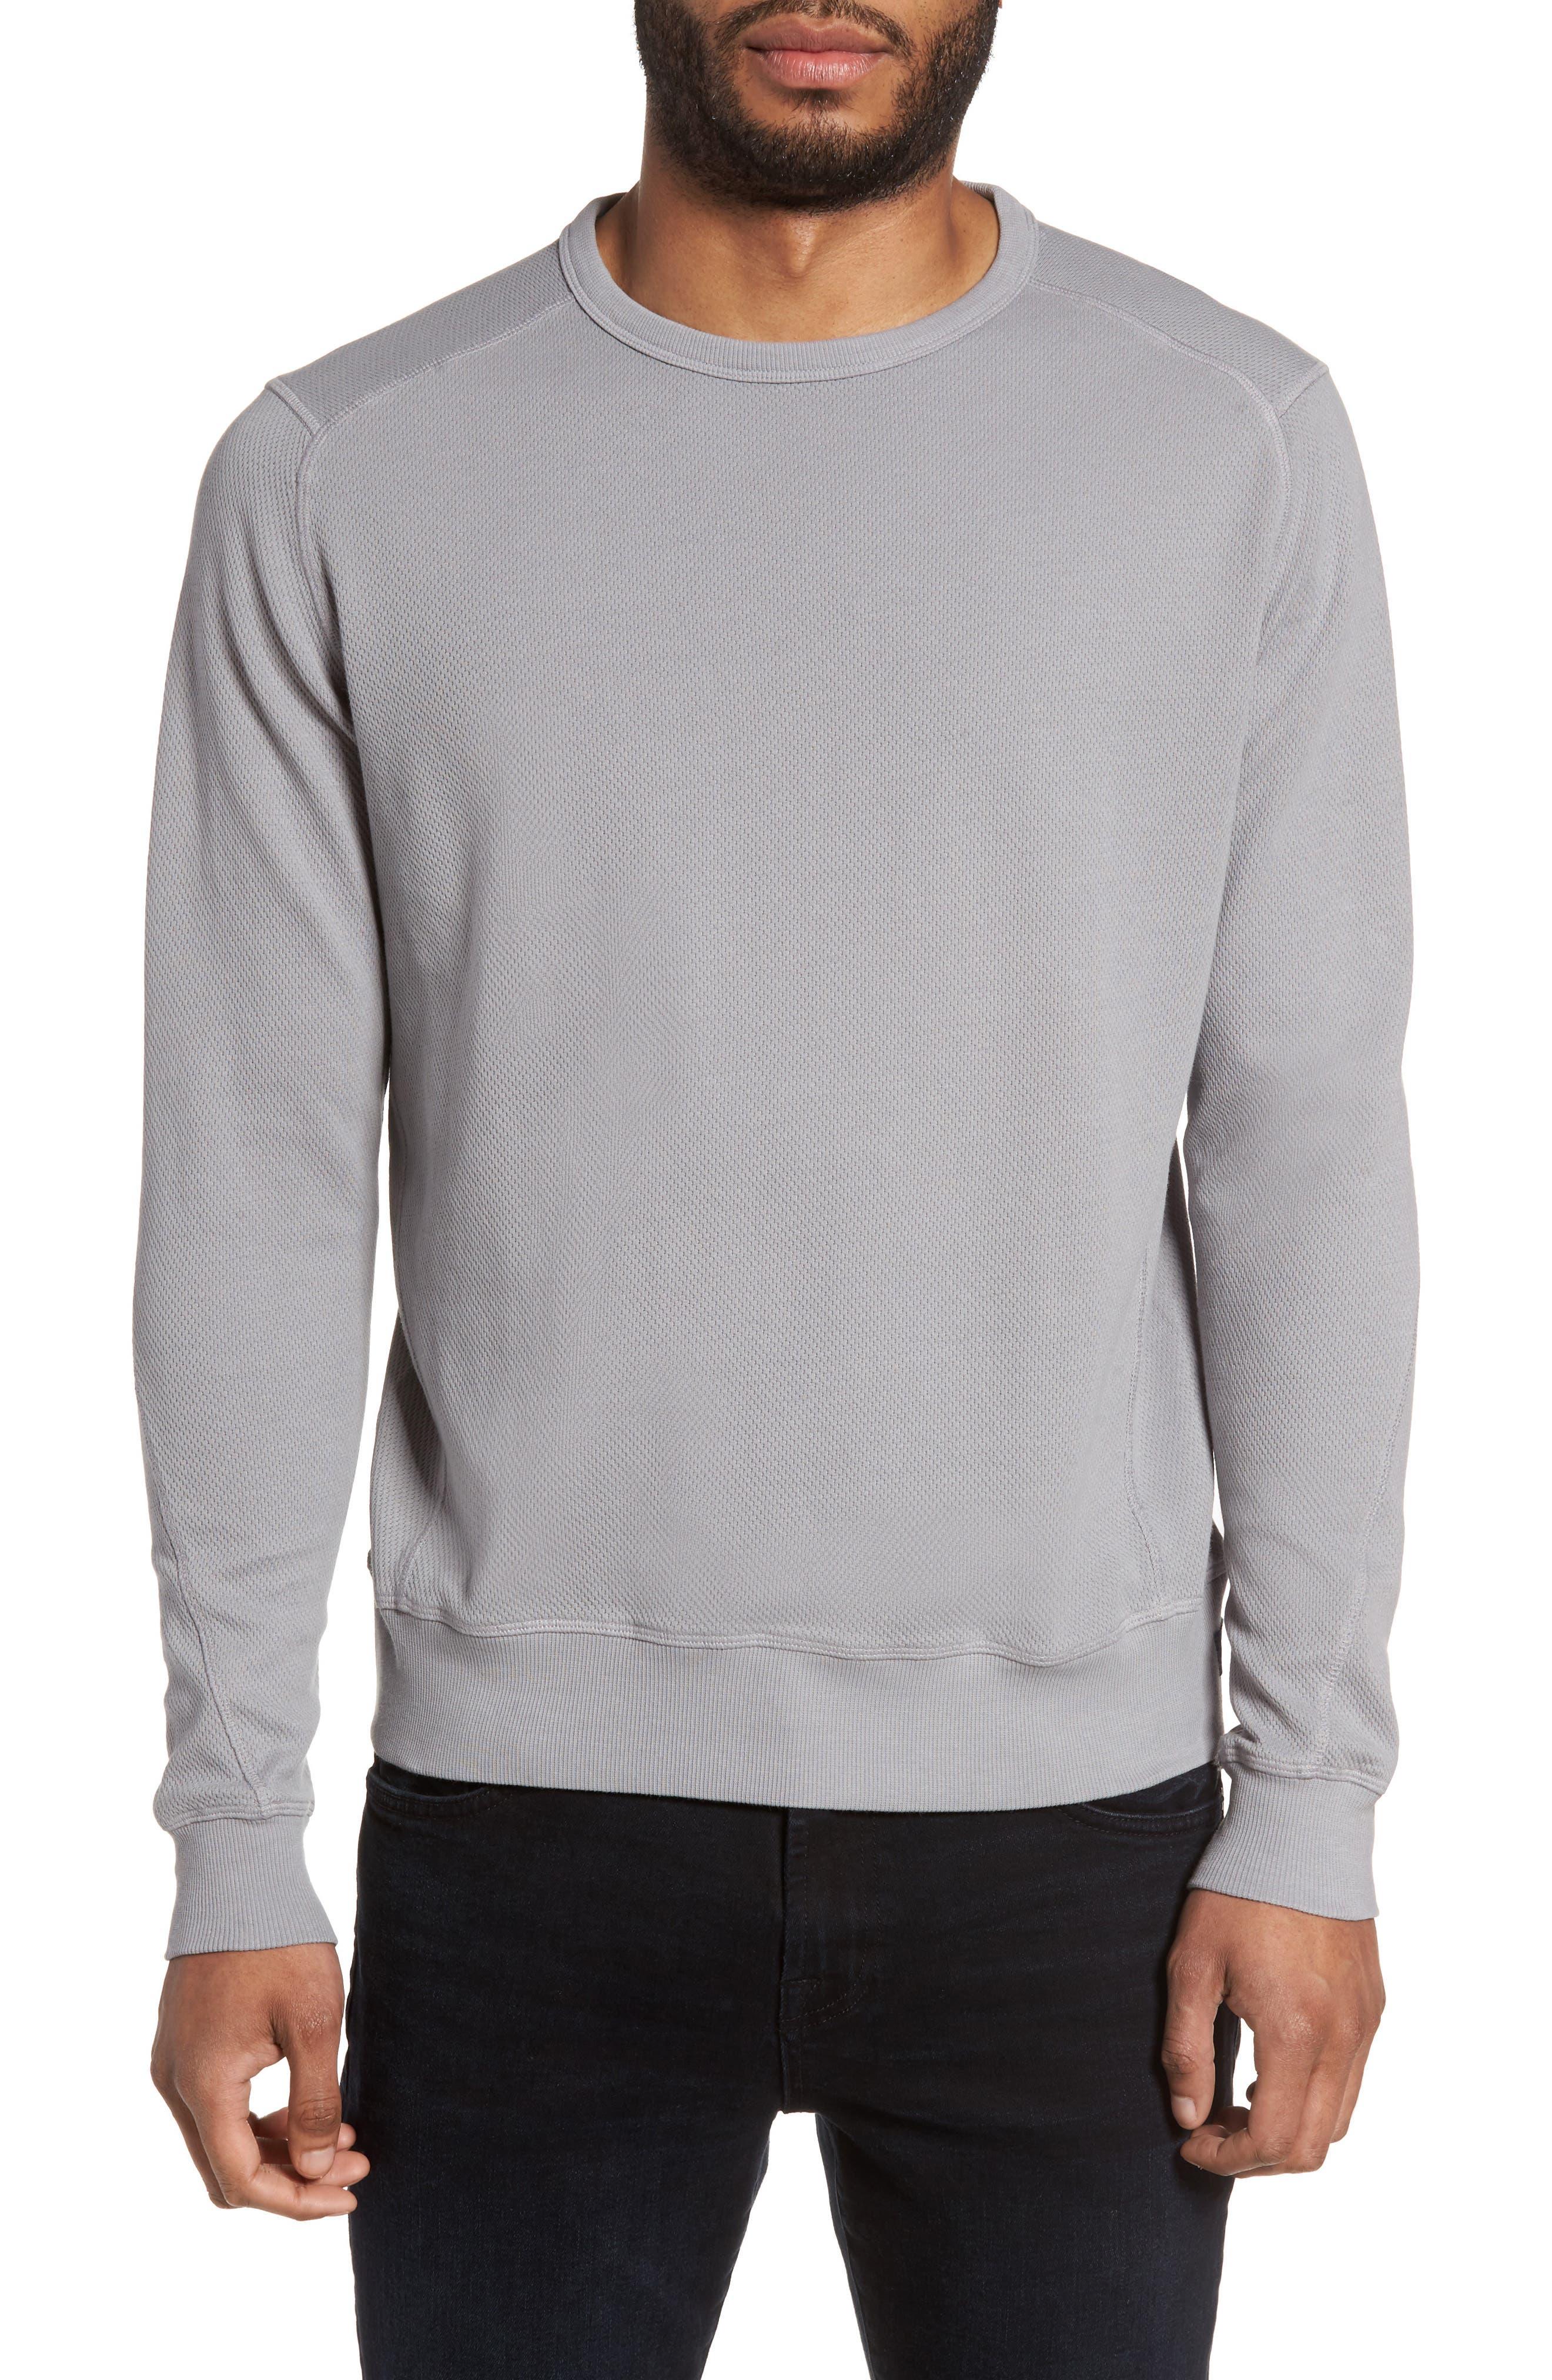 GOOD MAN BRAND Wrap Textured Cotton Sweatshirt